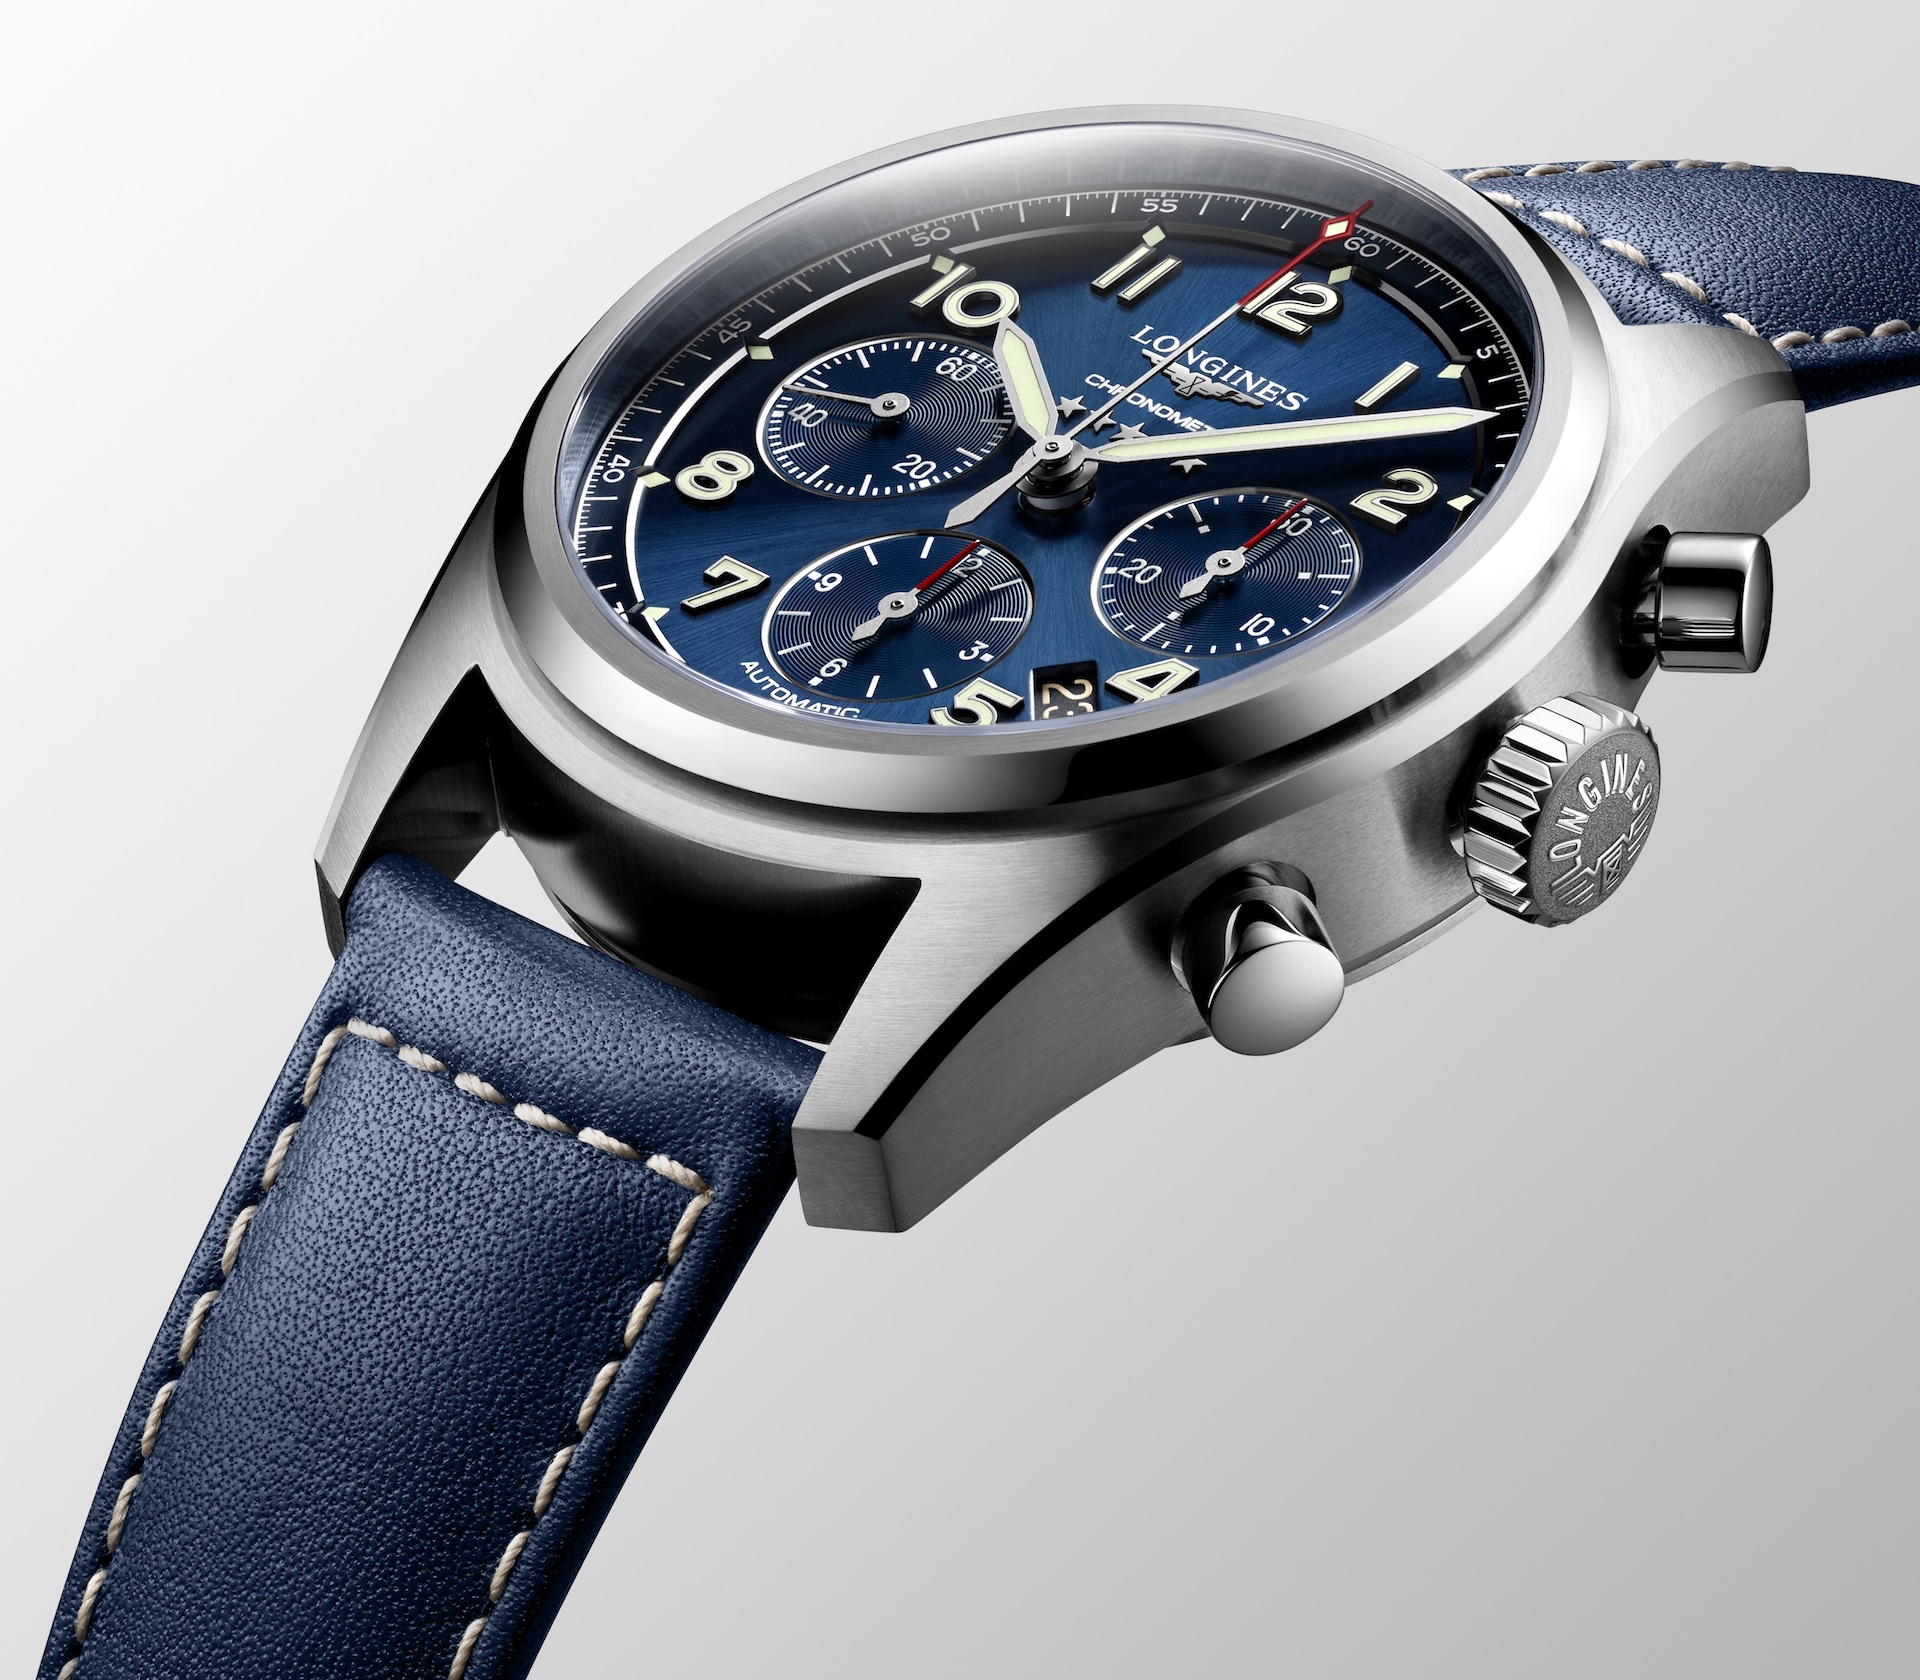 Den Longines Spirit Chronograph Automatic gibt es wahlweise mit blauem oder schwarzem Zifferblatt